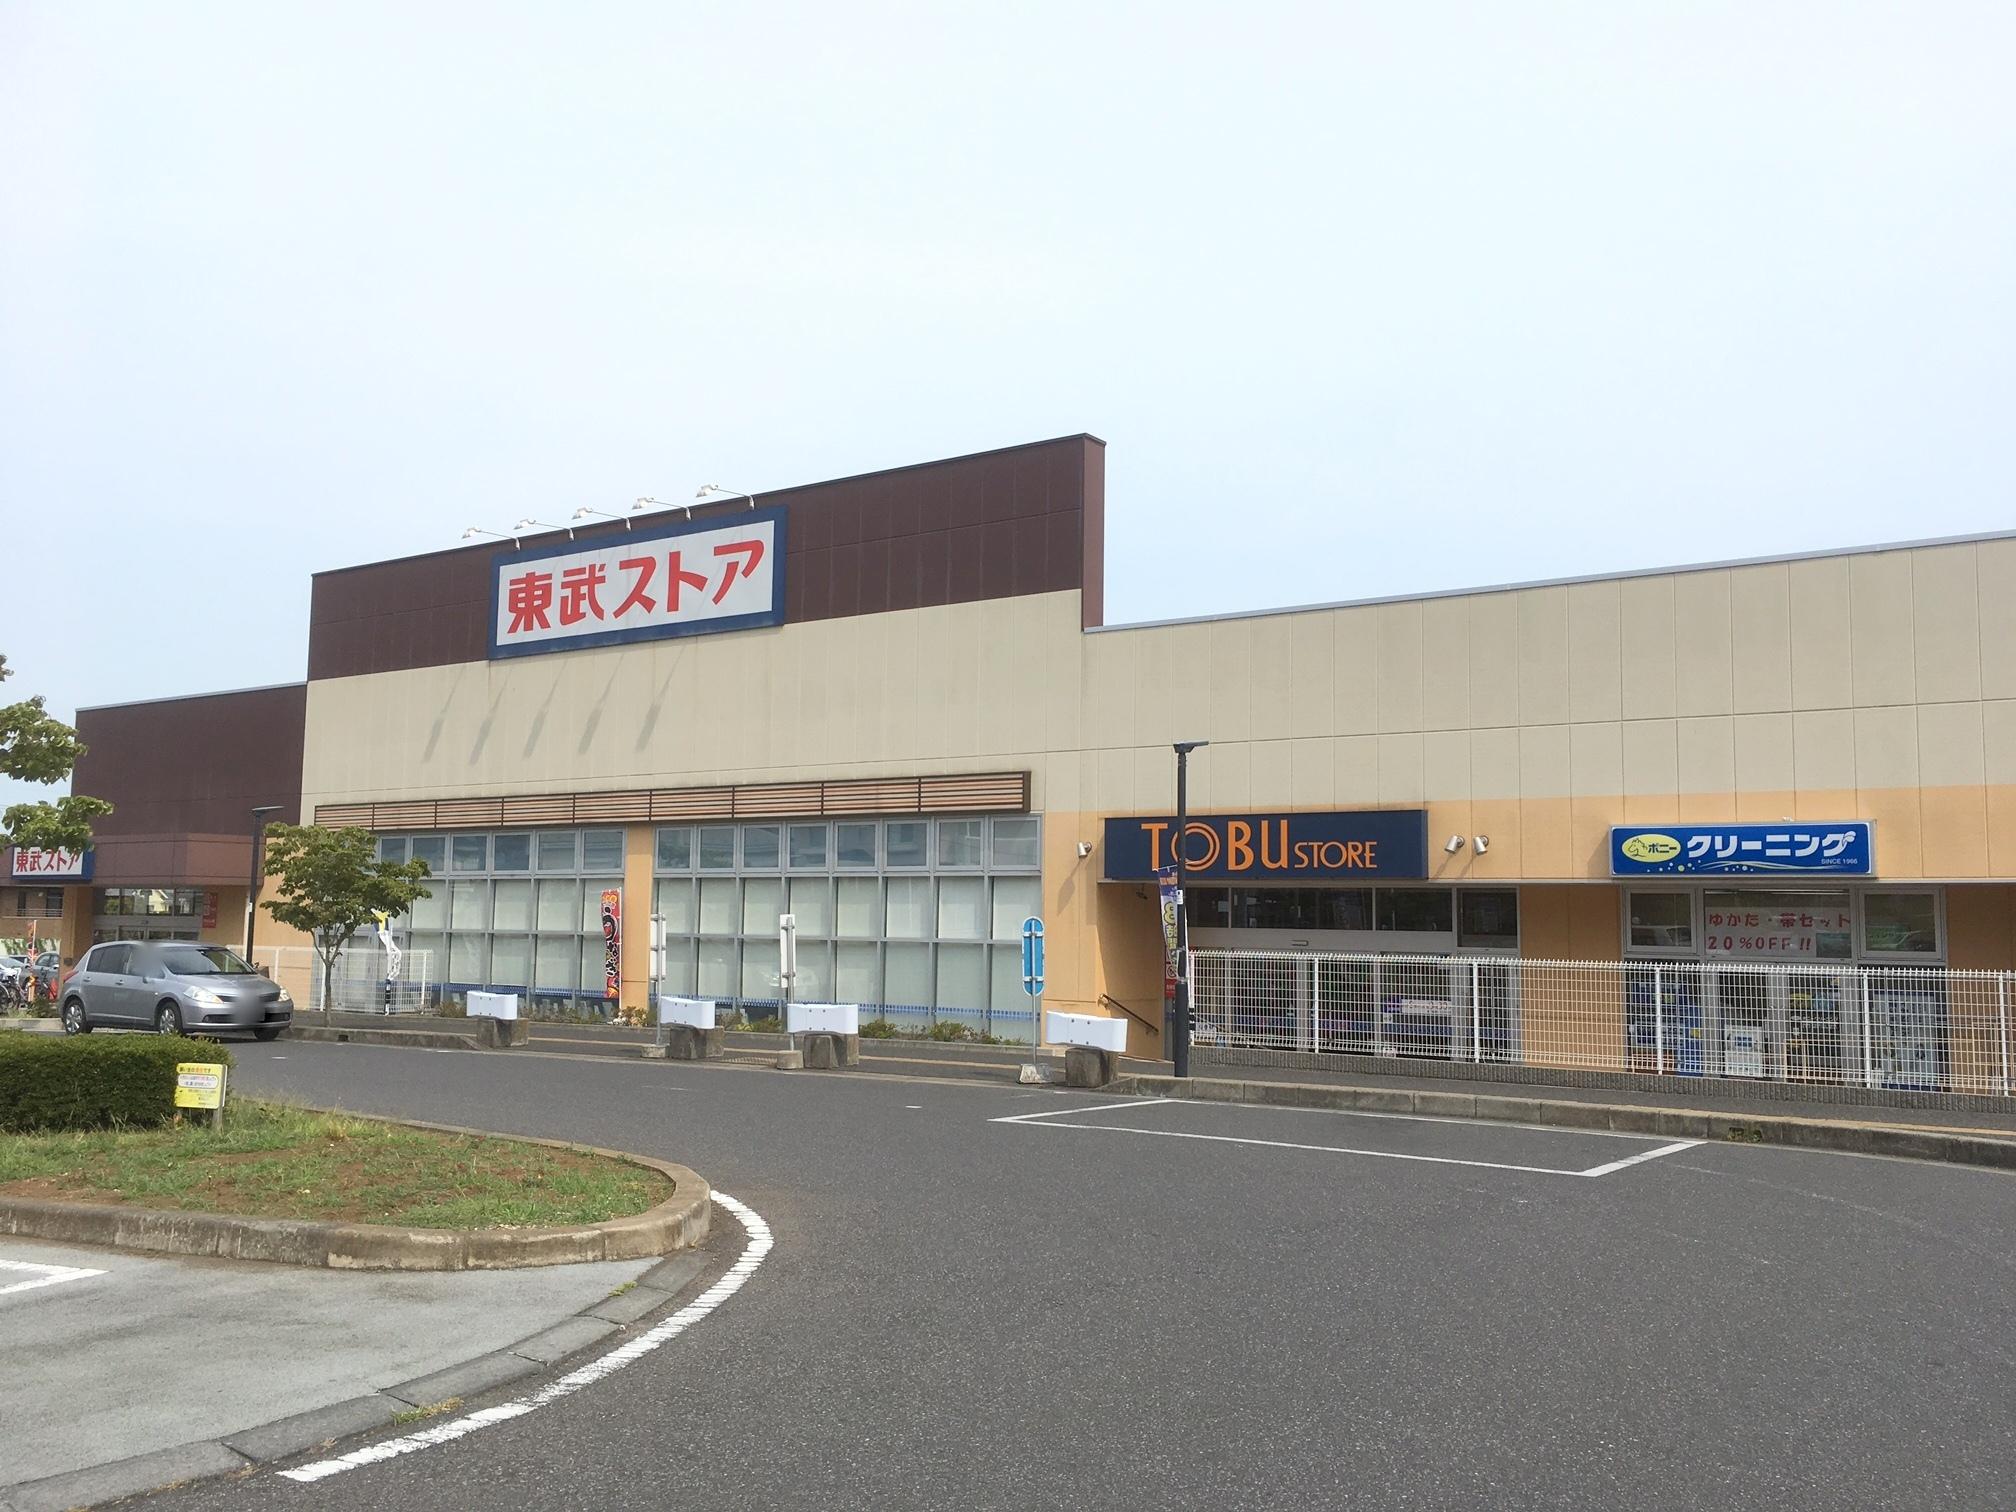 スーパー:東武ストア逆井店 351m